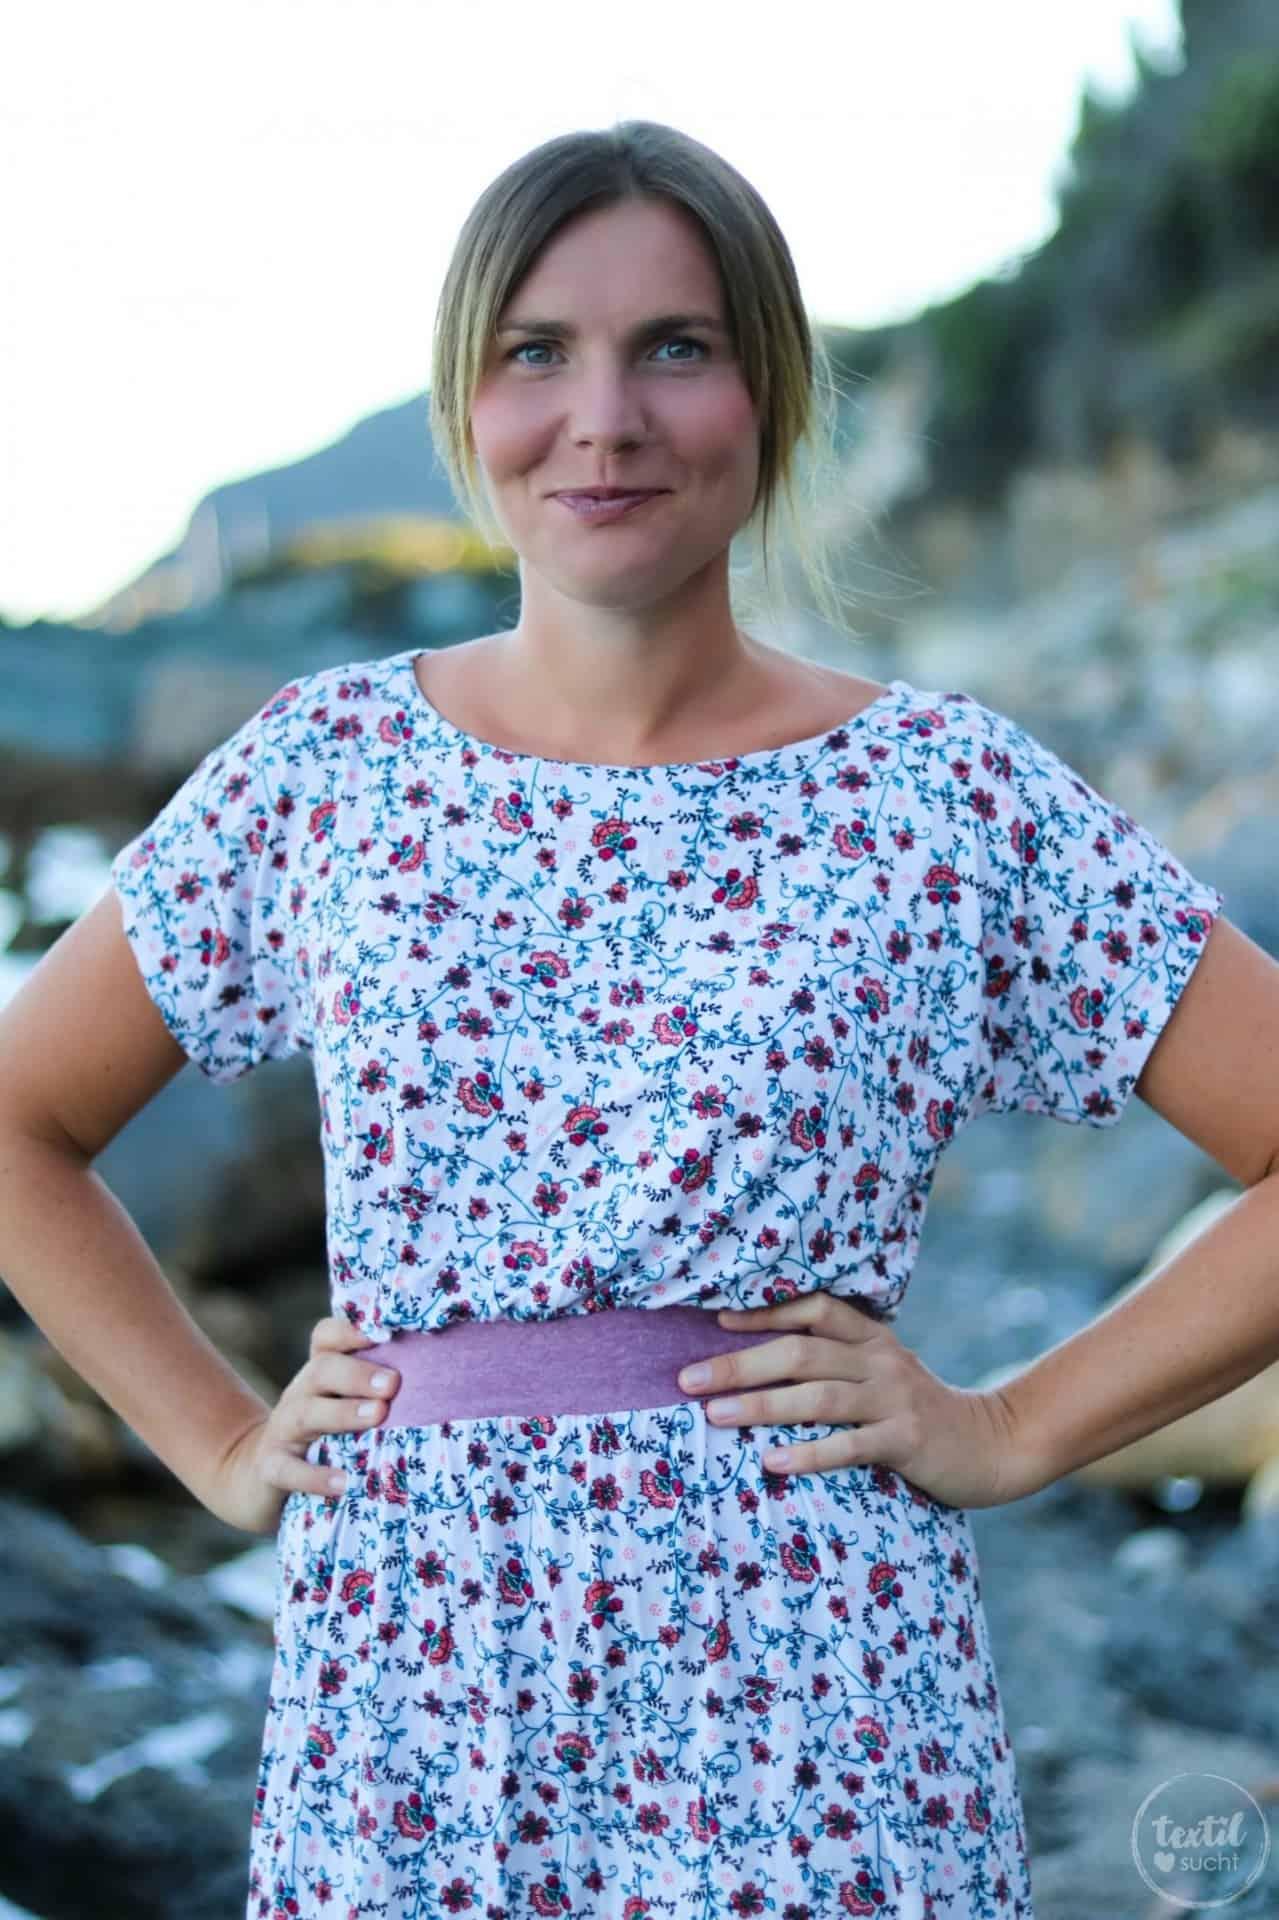 Mein neues Lieblings-Sommerkleid mit Blumenmuster - Bild 1 | textilsucht.de